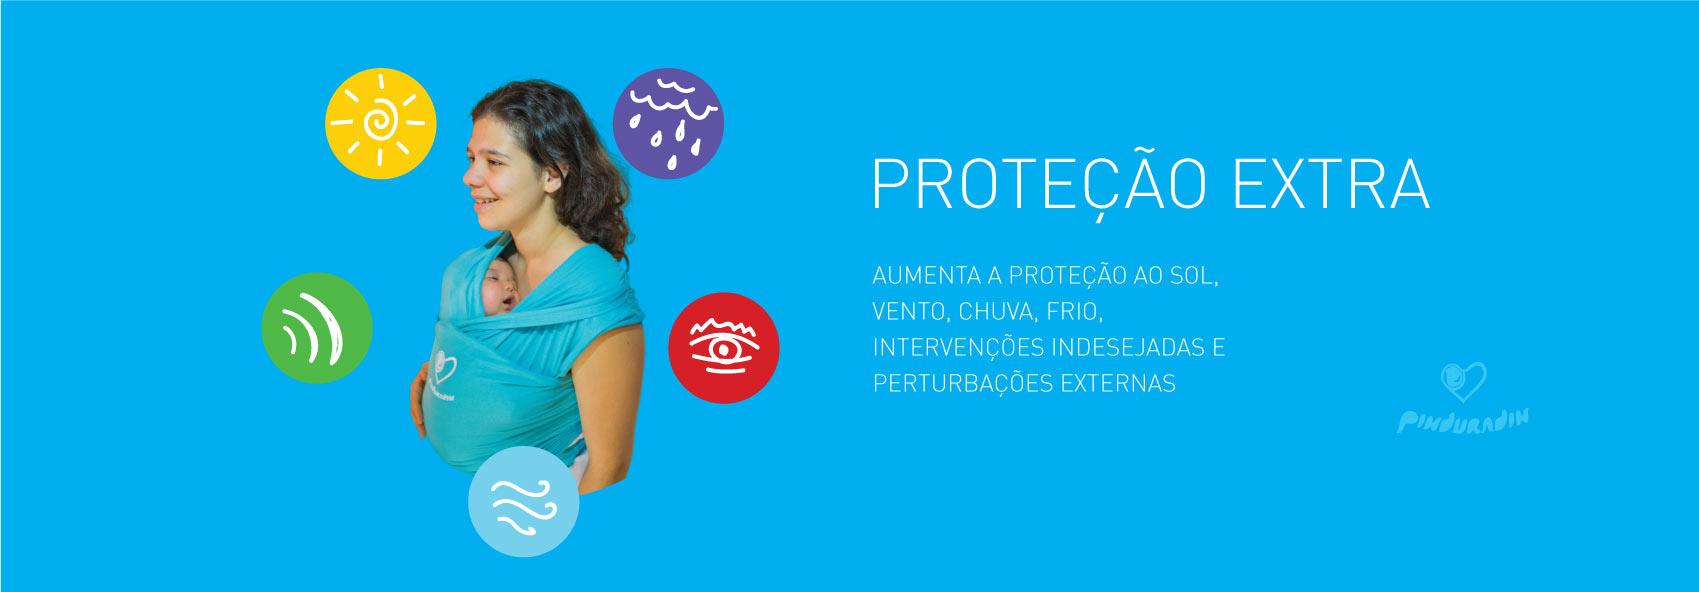 protecao-extra.jpg